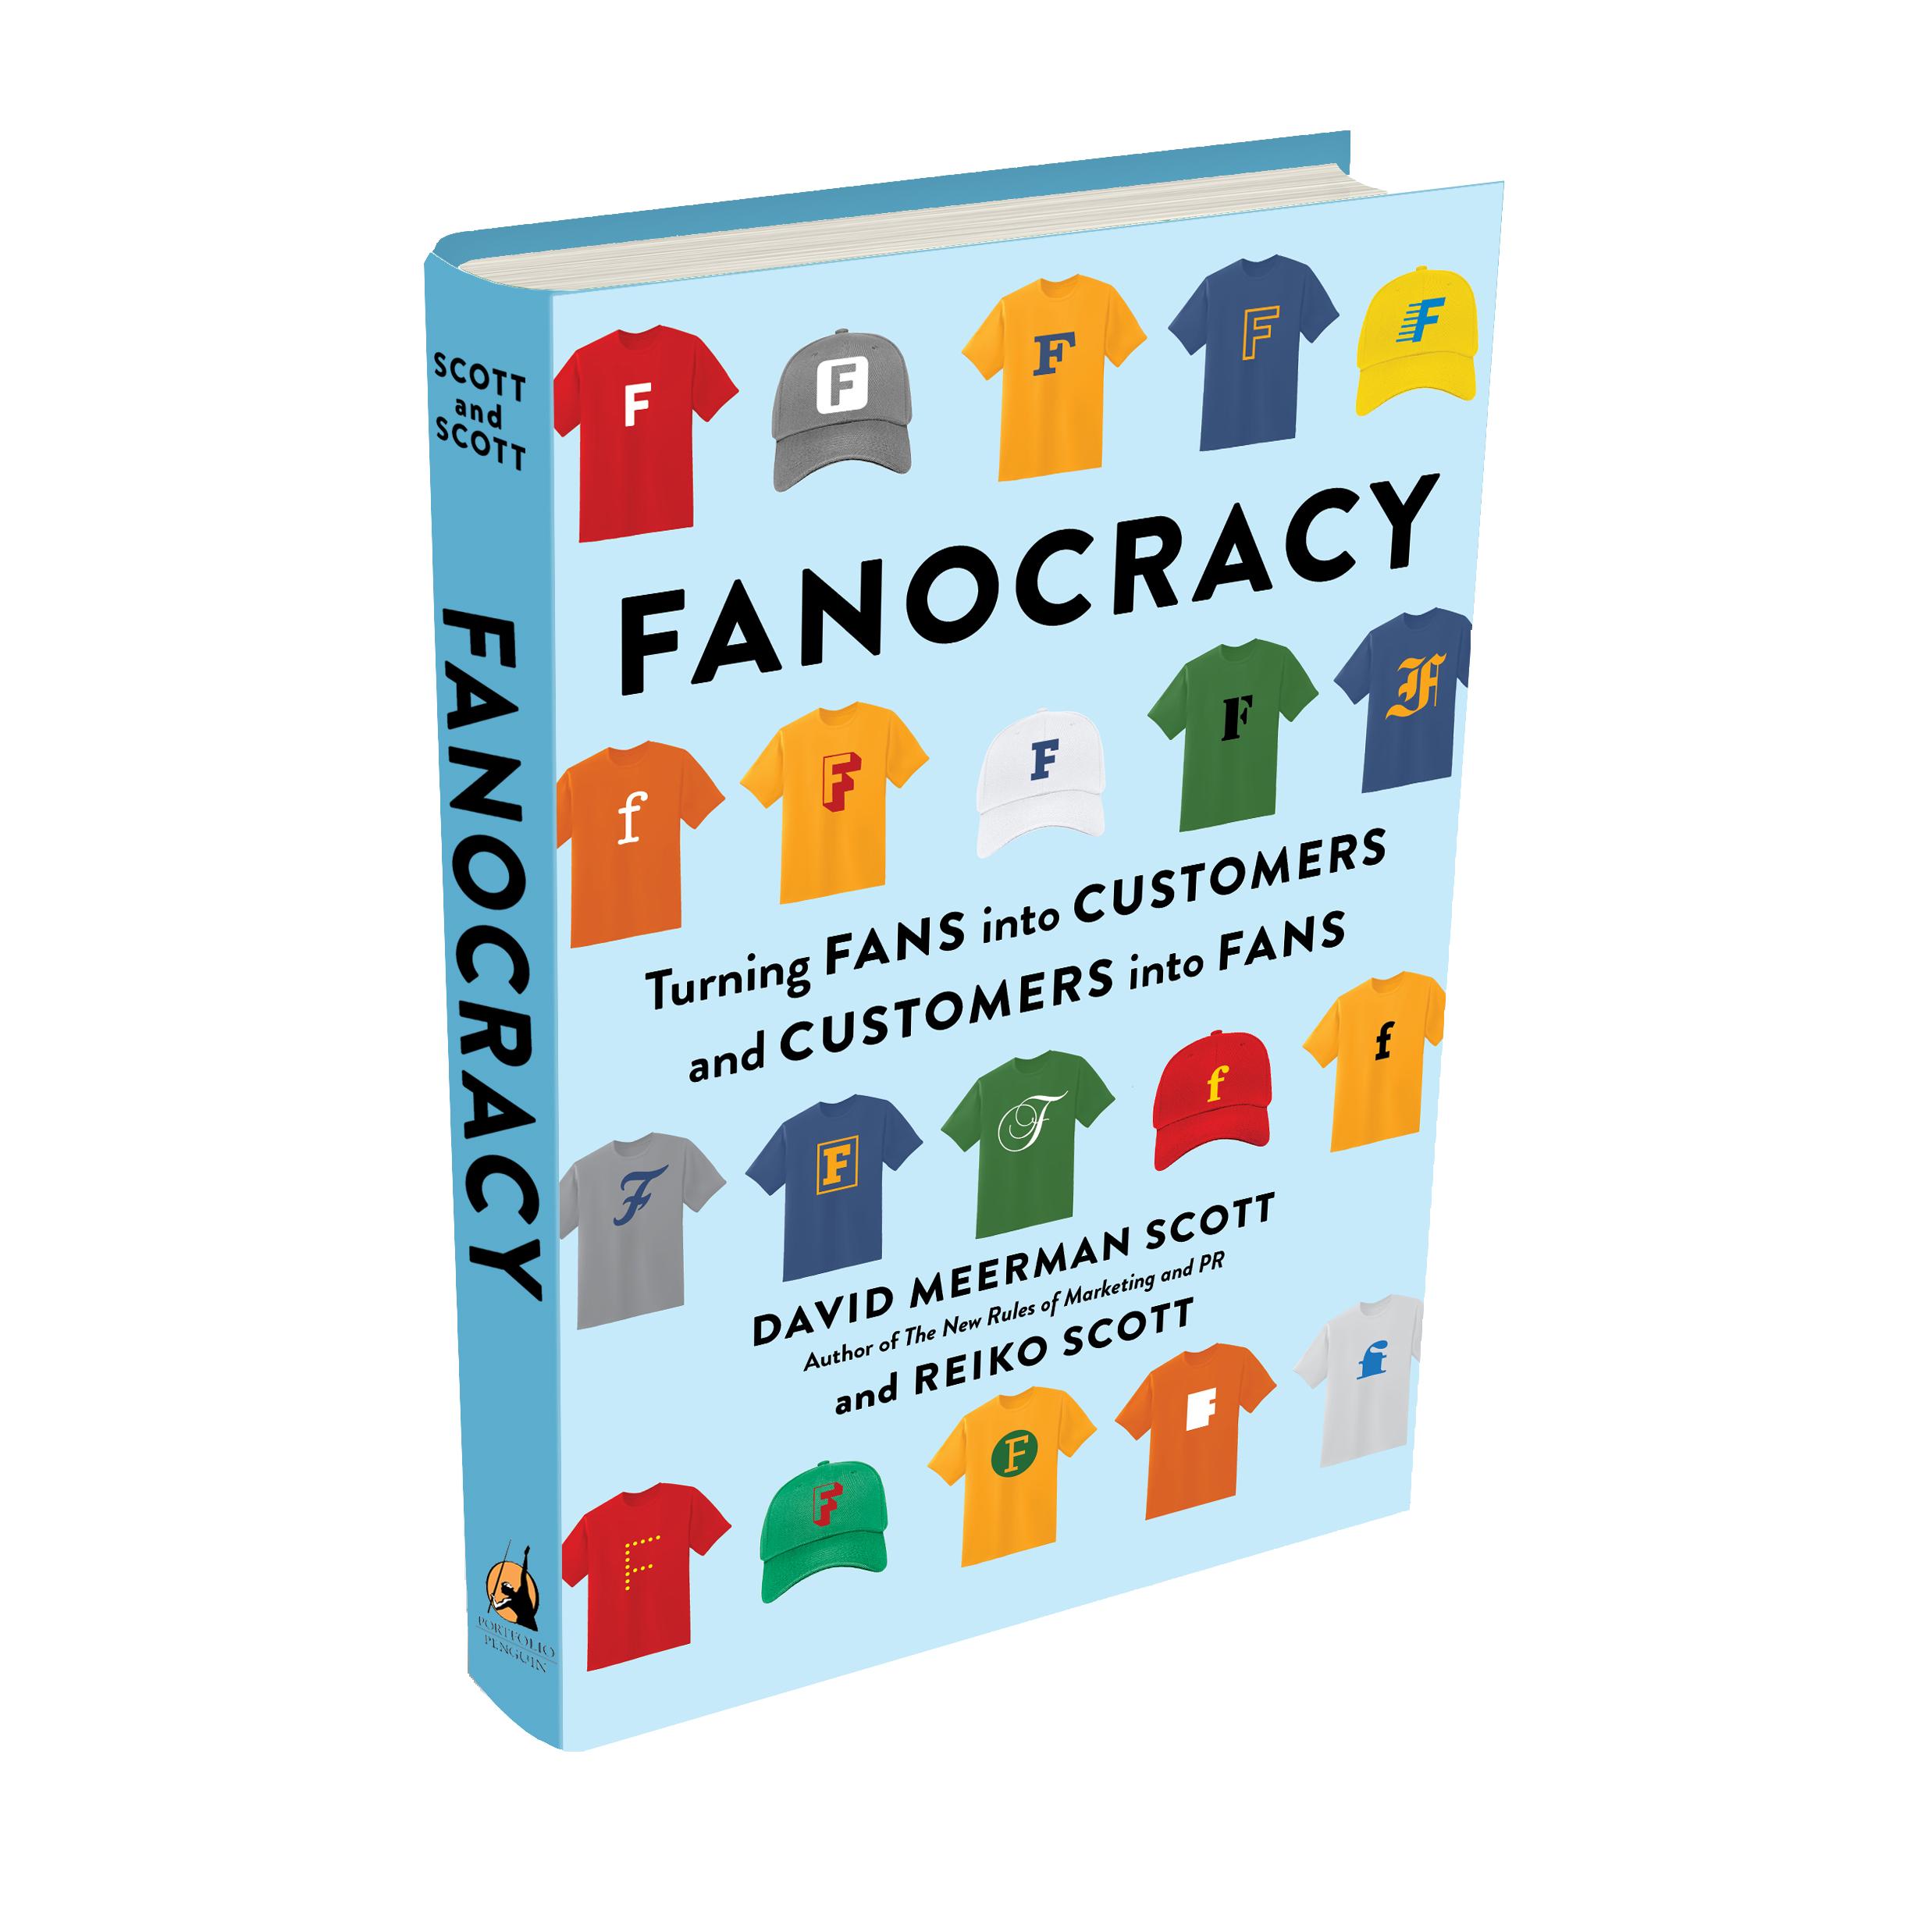 Fanocracy_3D-transparent_061619